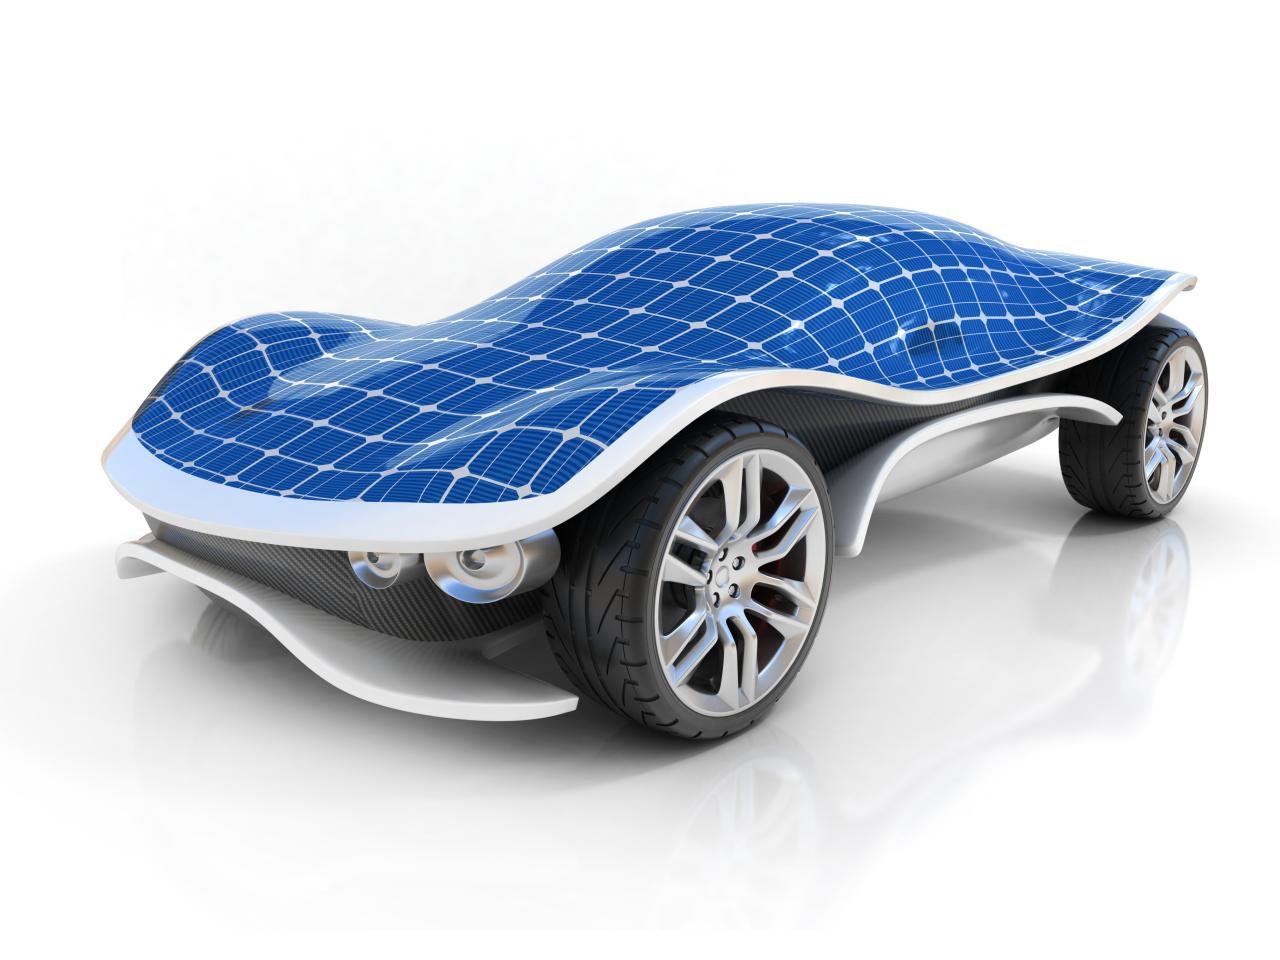 Neue Solarmodule: Leichter, biegsamer, wirkungsvoller